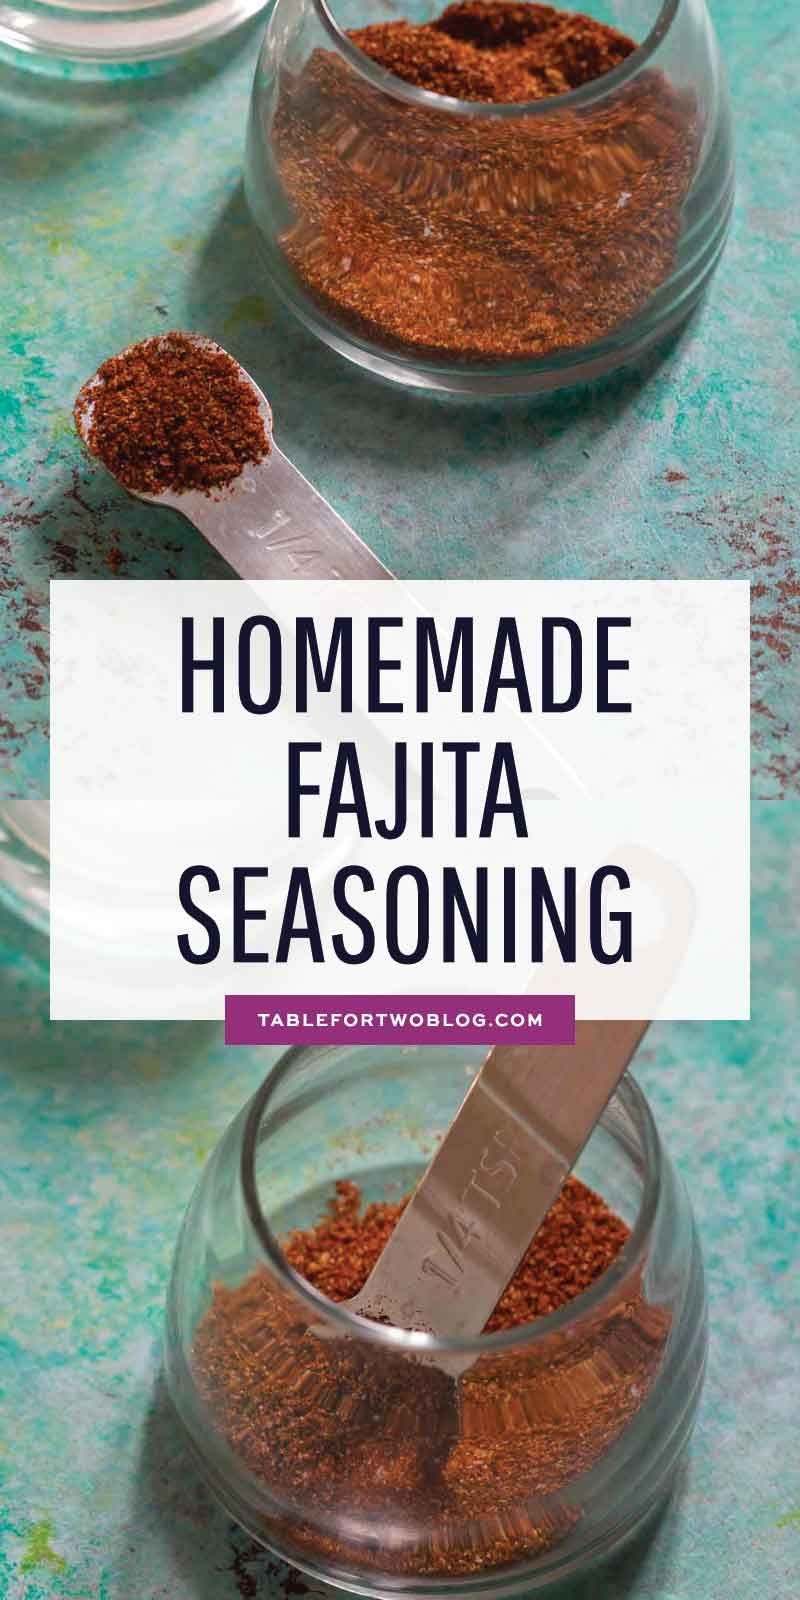 Fajita Seasoning - Homemade Fajita Seasoning Recipe for Chicken/Steak #homemadefajitaseasoning